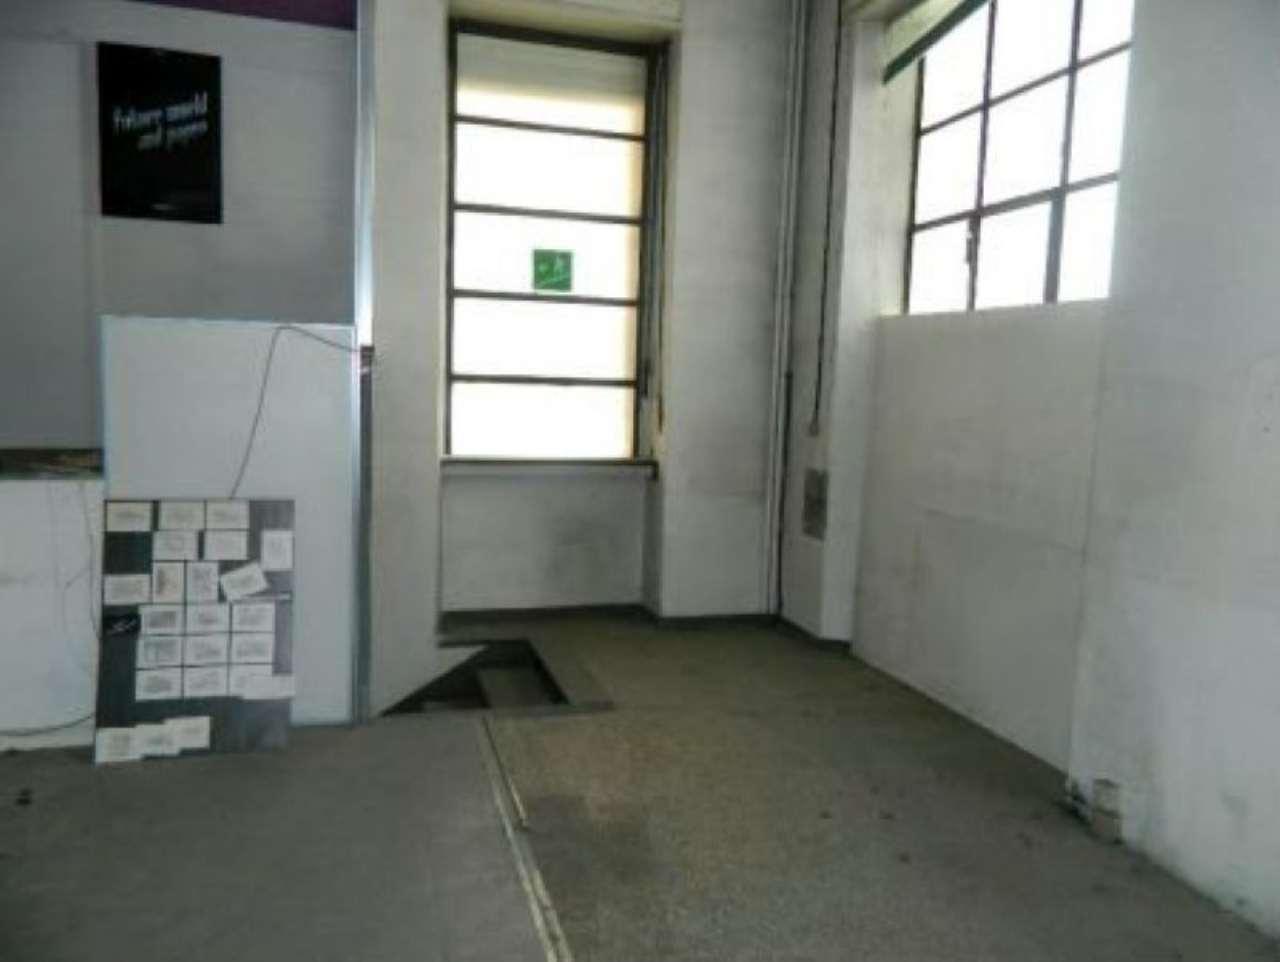 Negozio / Locale in vendita a Sondrio, 8 locali, Trattative riservate | CambioCasa.it